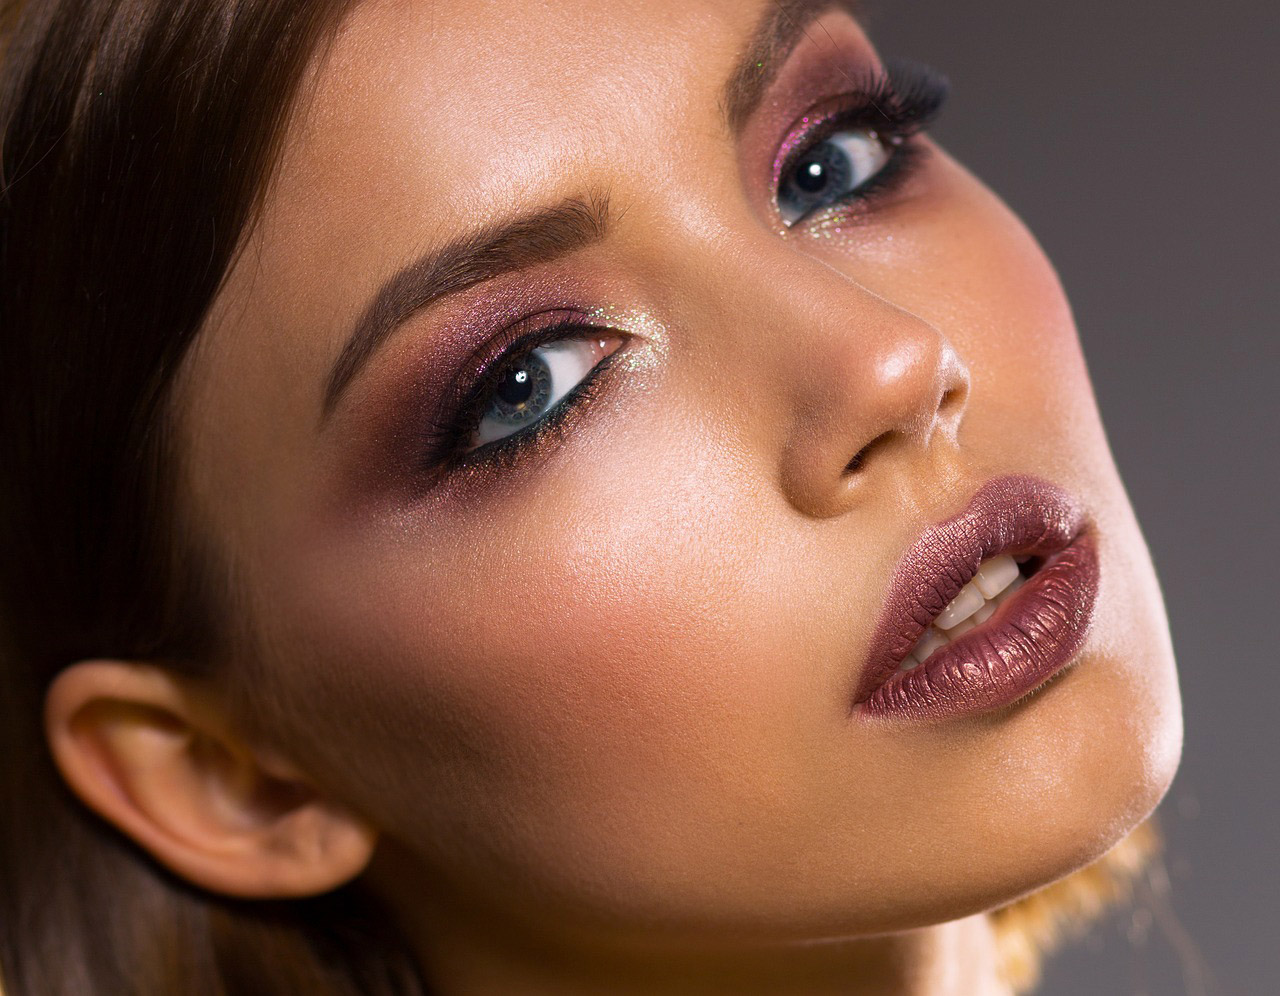 profesjonalny makijaż permanentny brwi